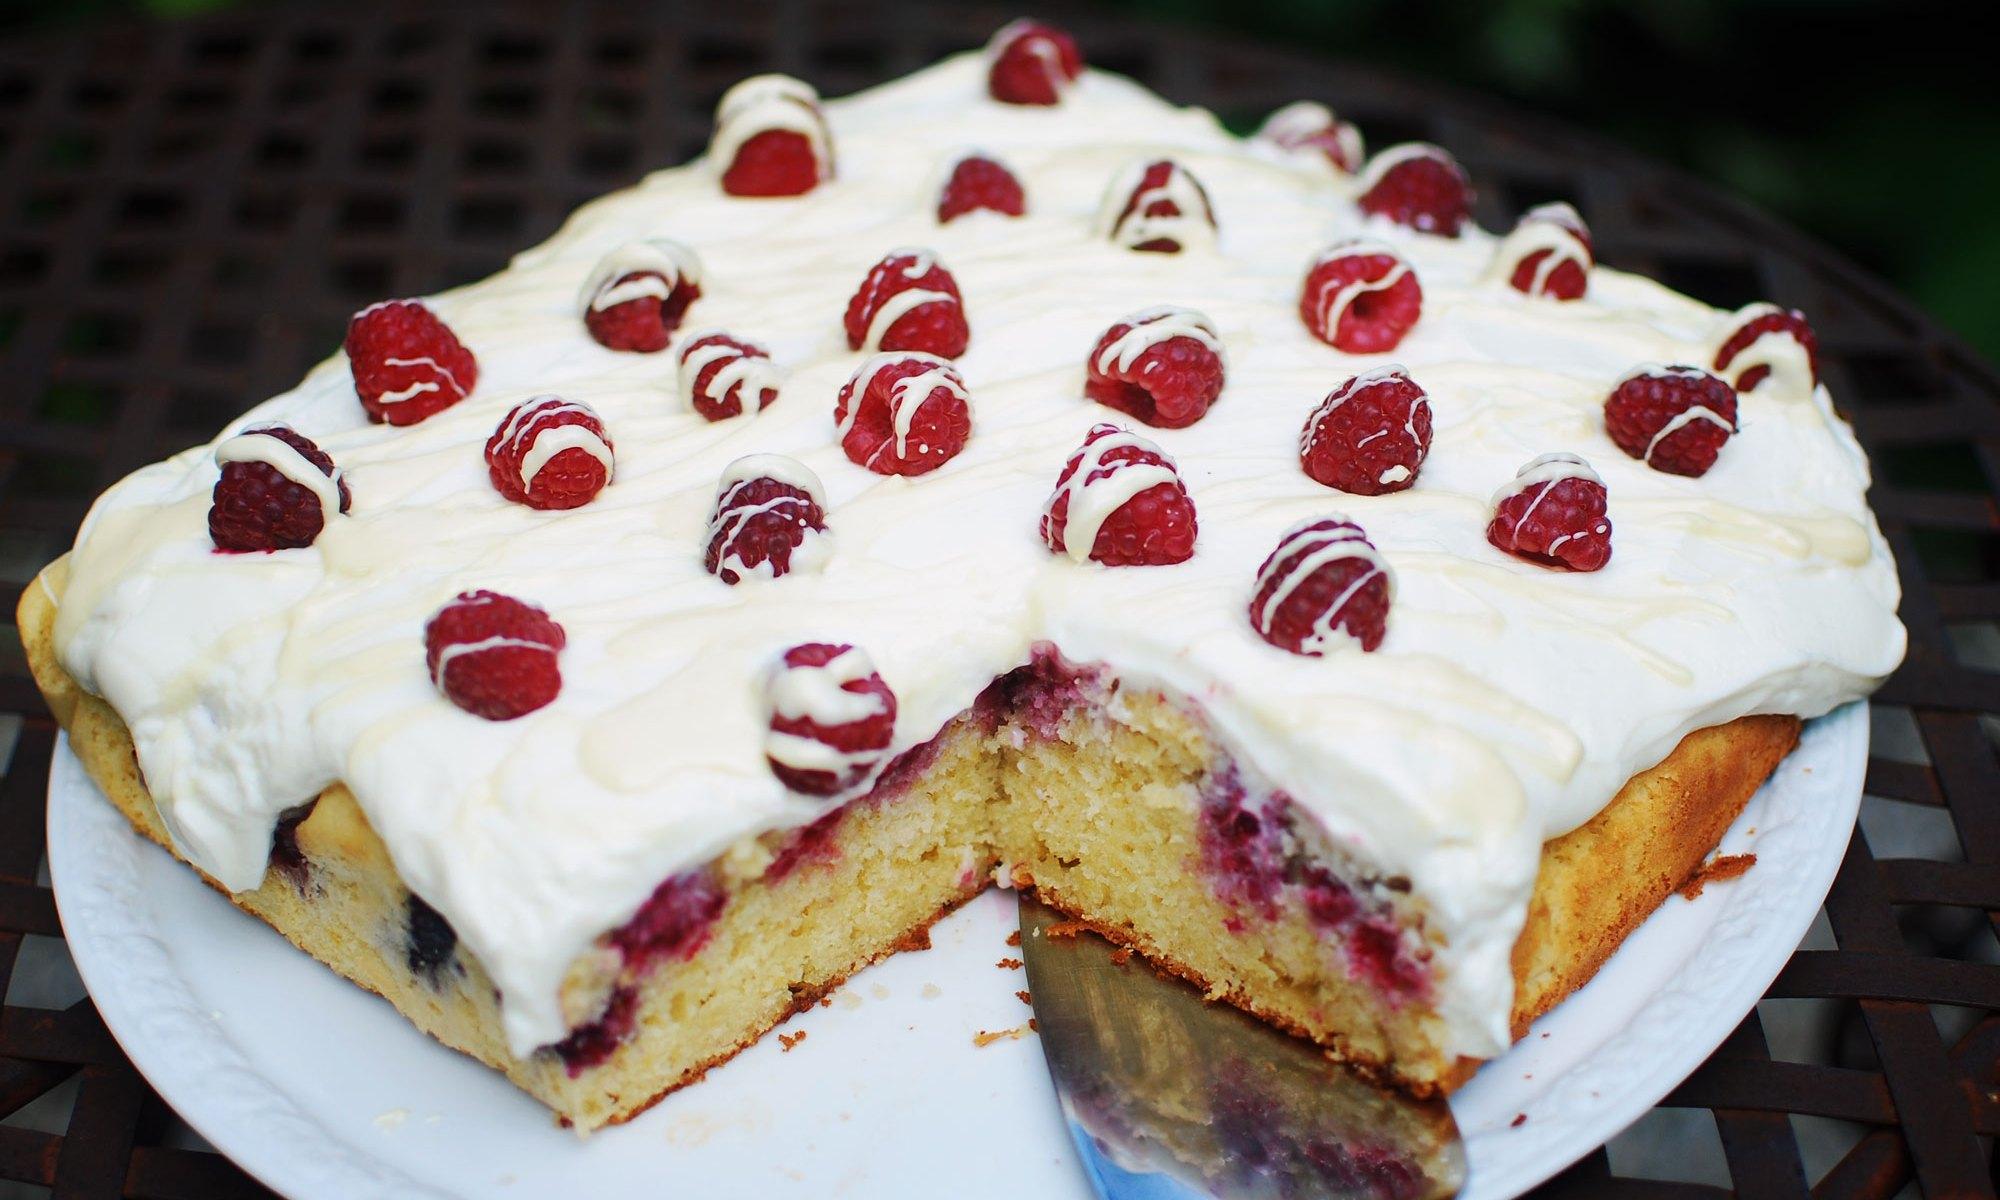 Kuchen mit Frischkäse, Quark und Himbeeren